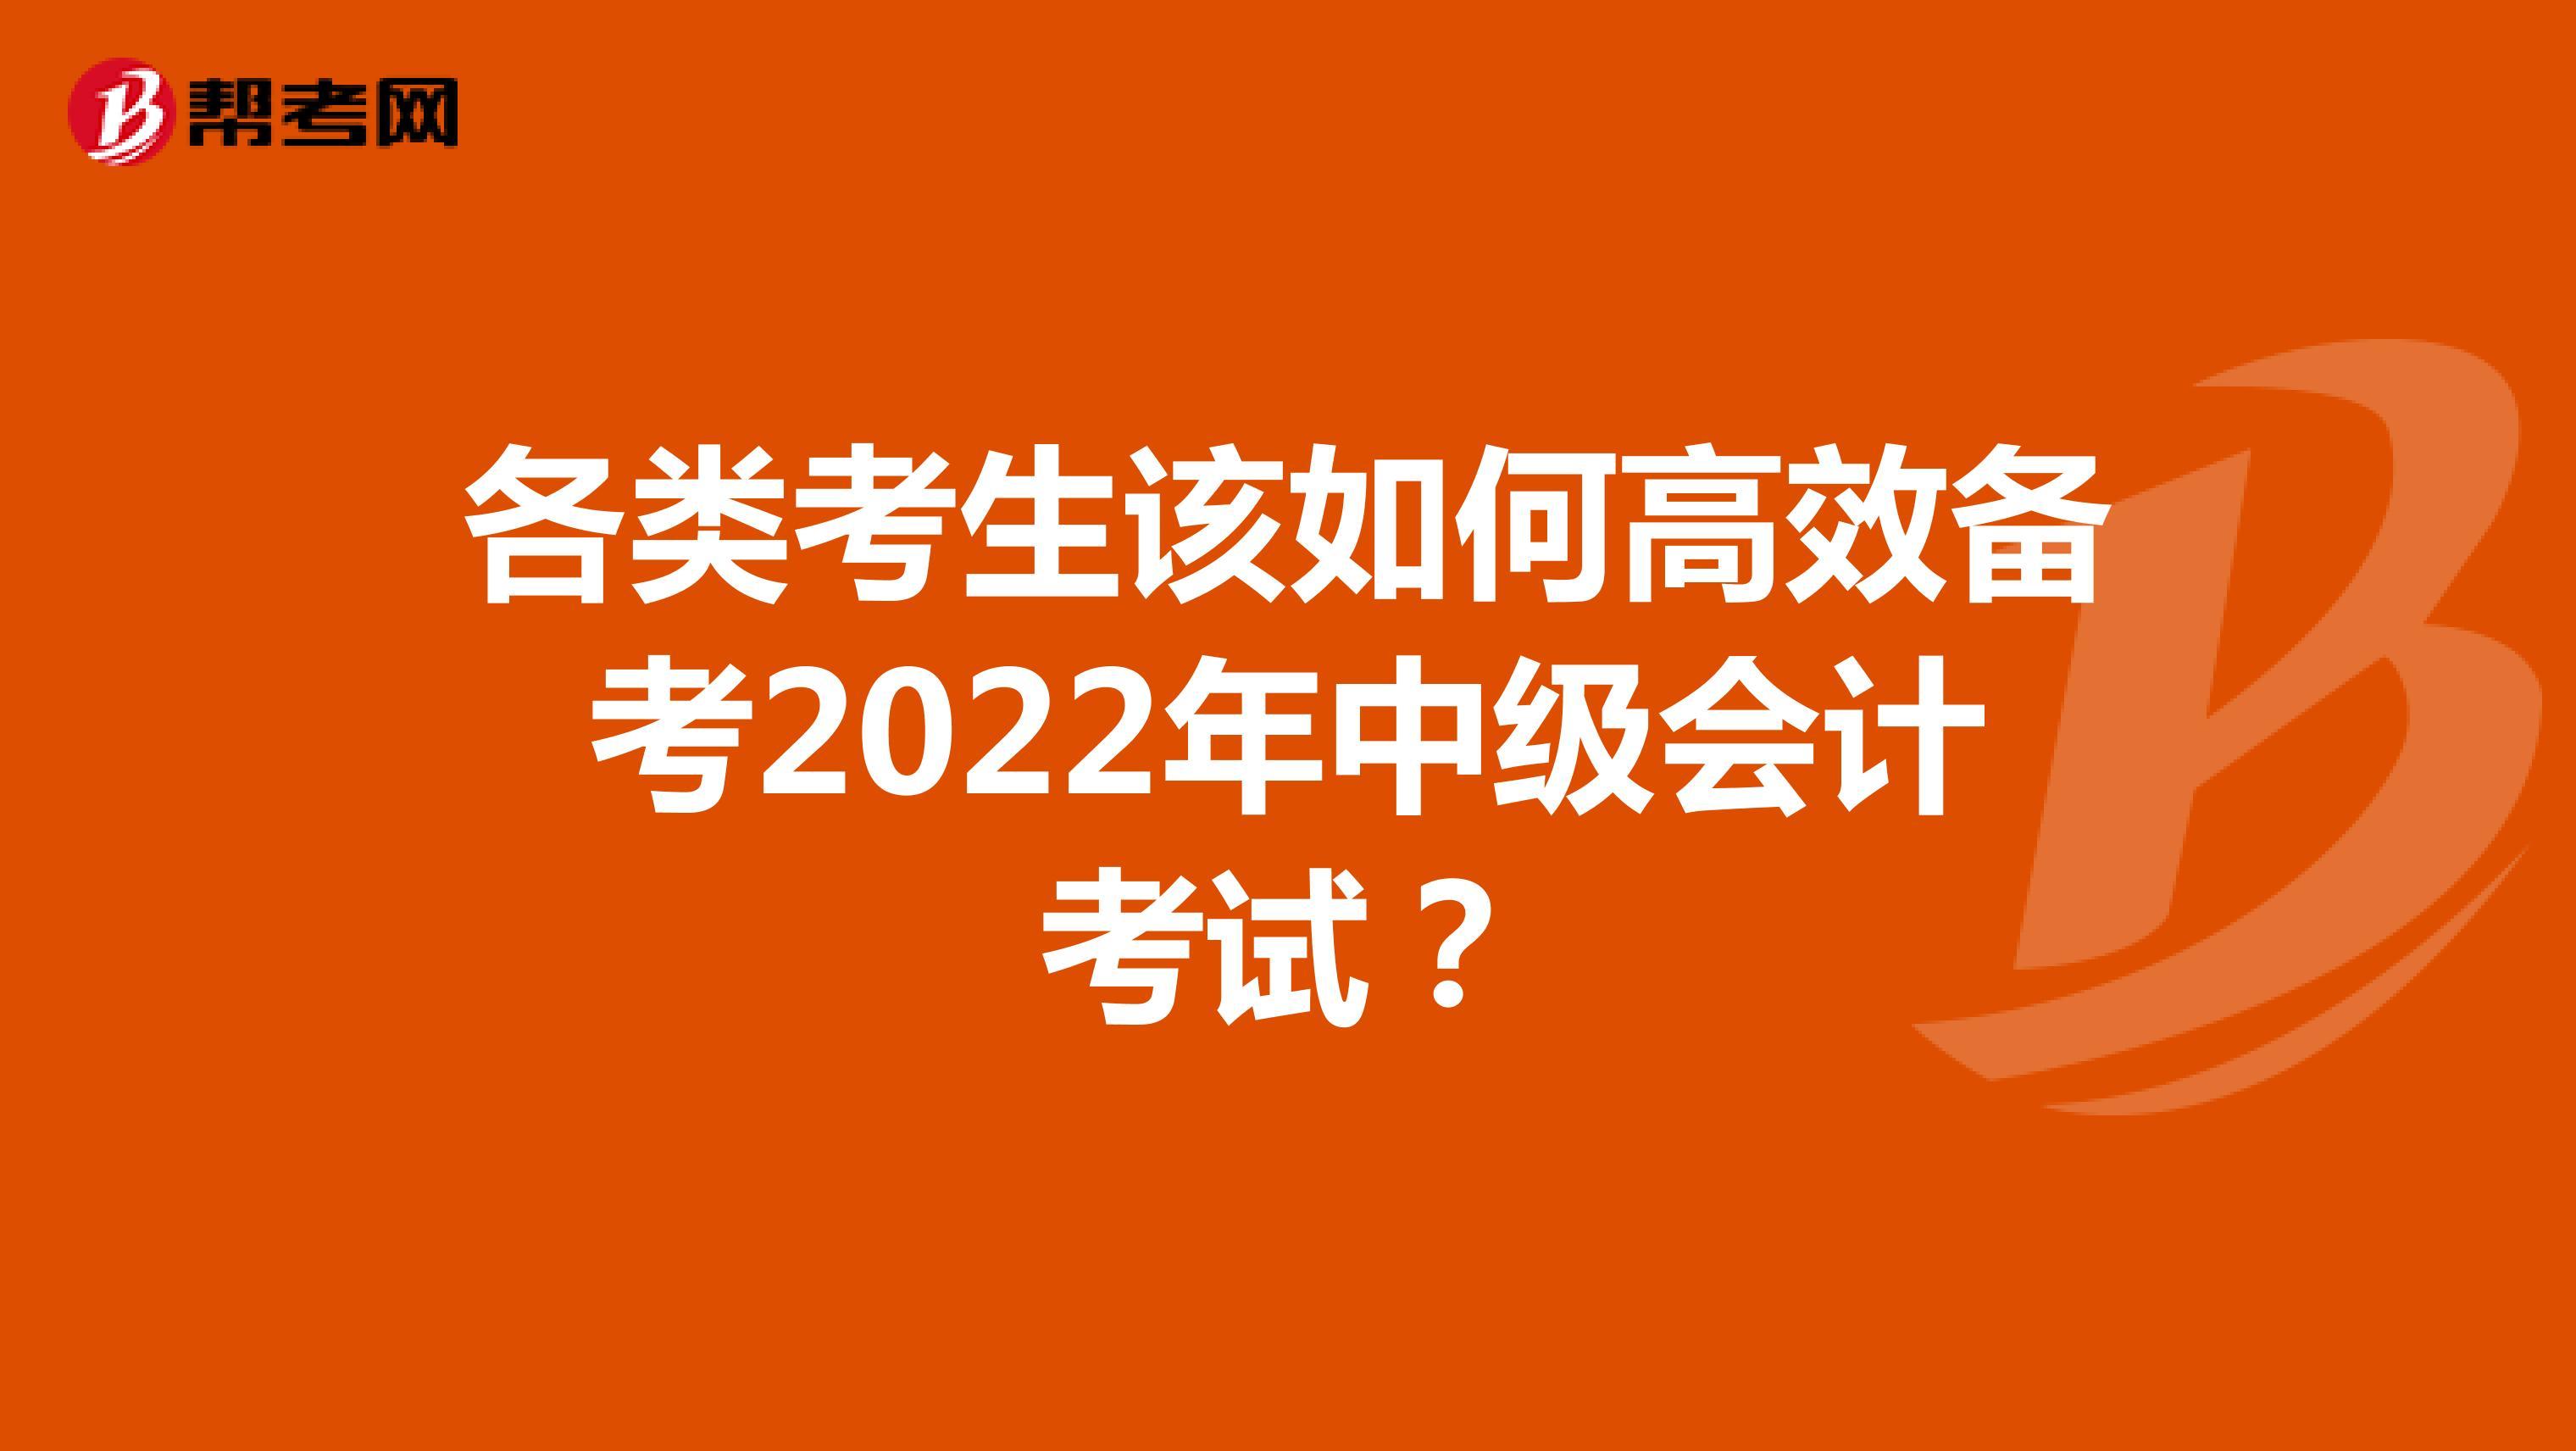 各类考生该如何高效备考2022年中级会计考试?